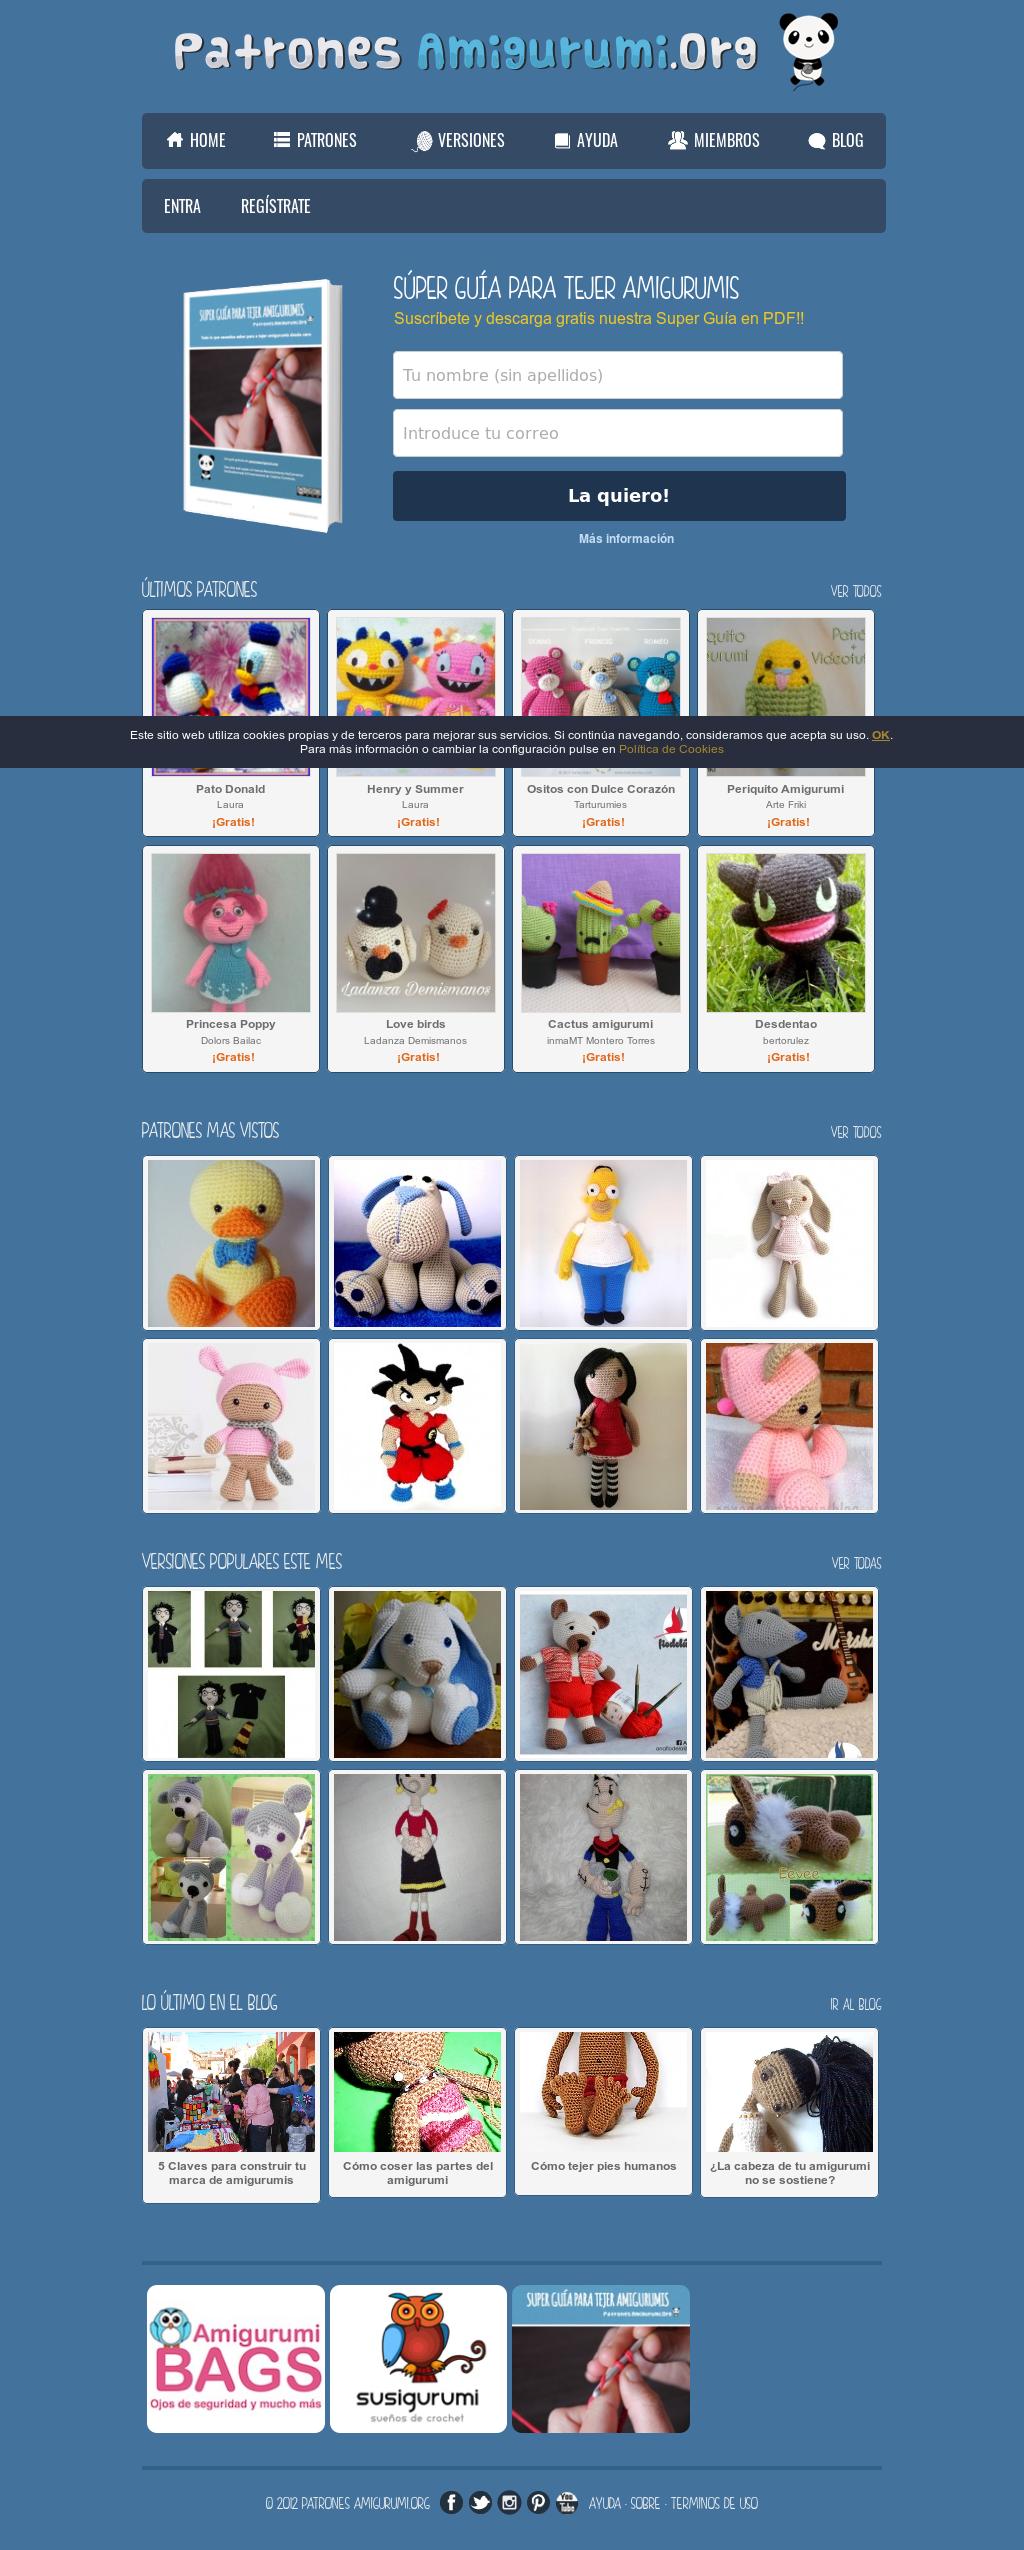 Free Amigurumi Bear Crochet Pattern for 2020 | Osos de peluche de ... | 2550x1024